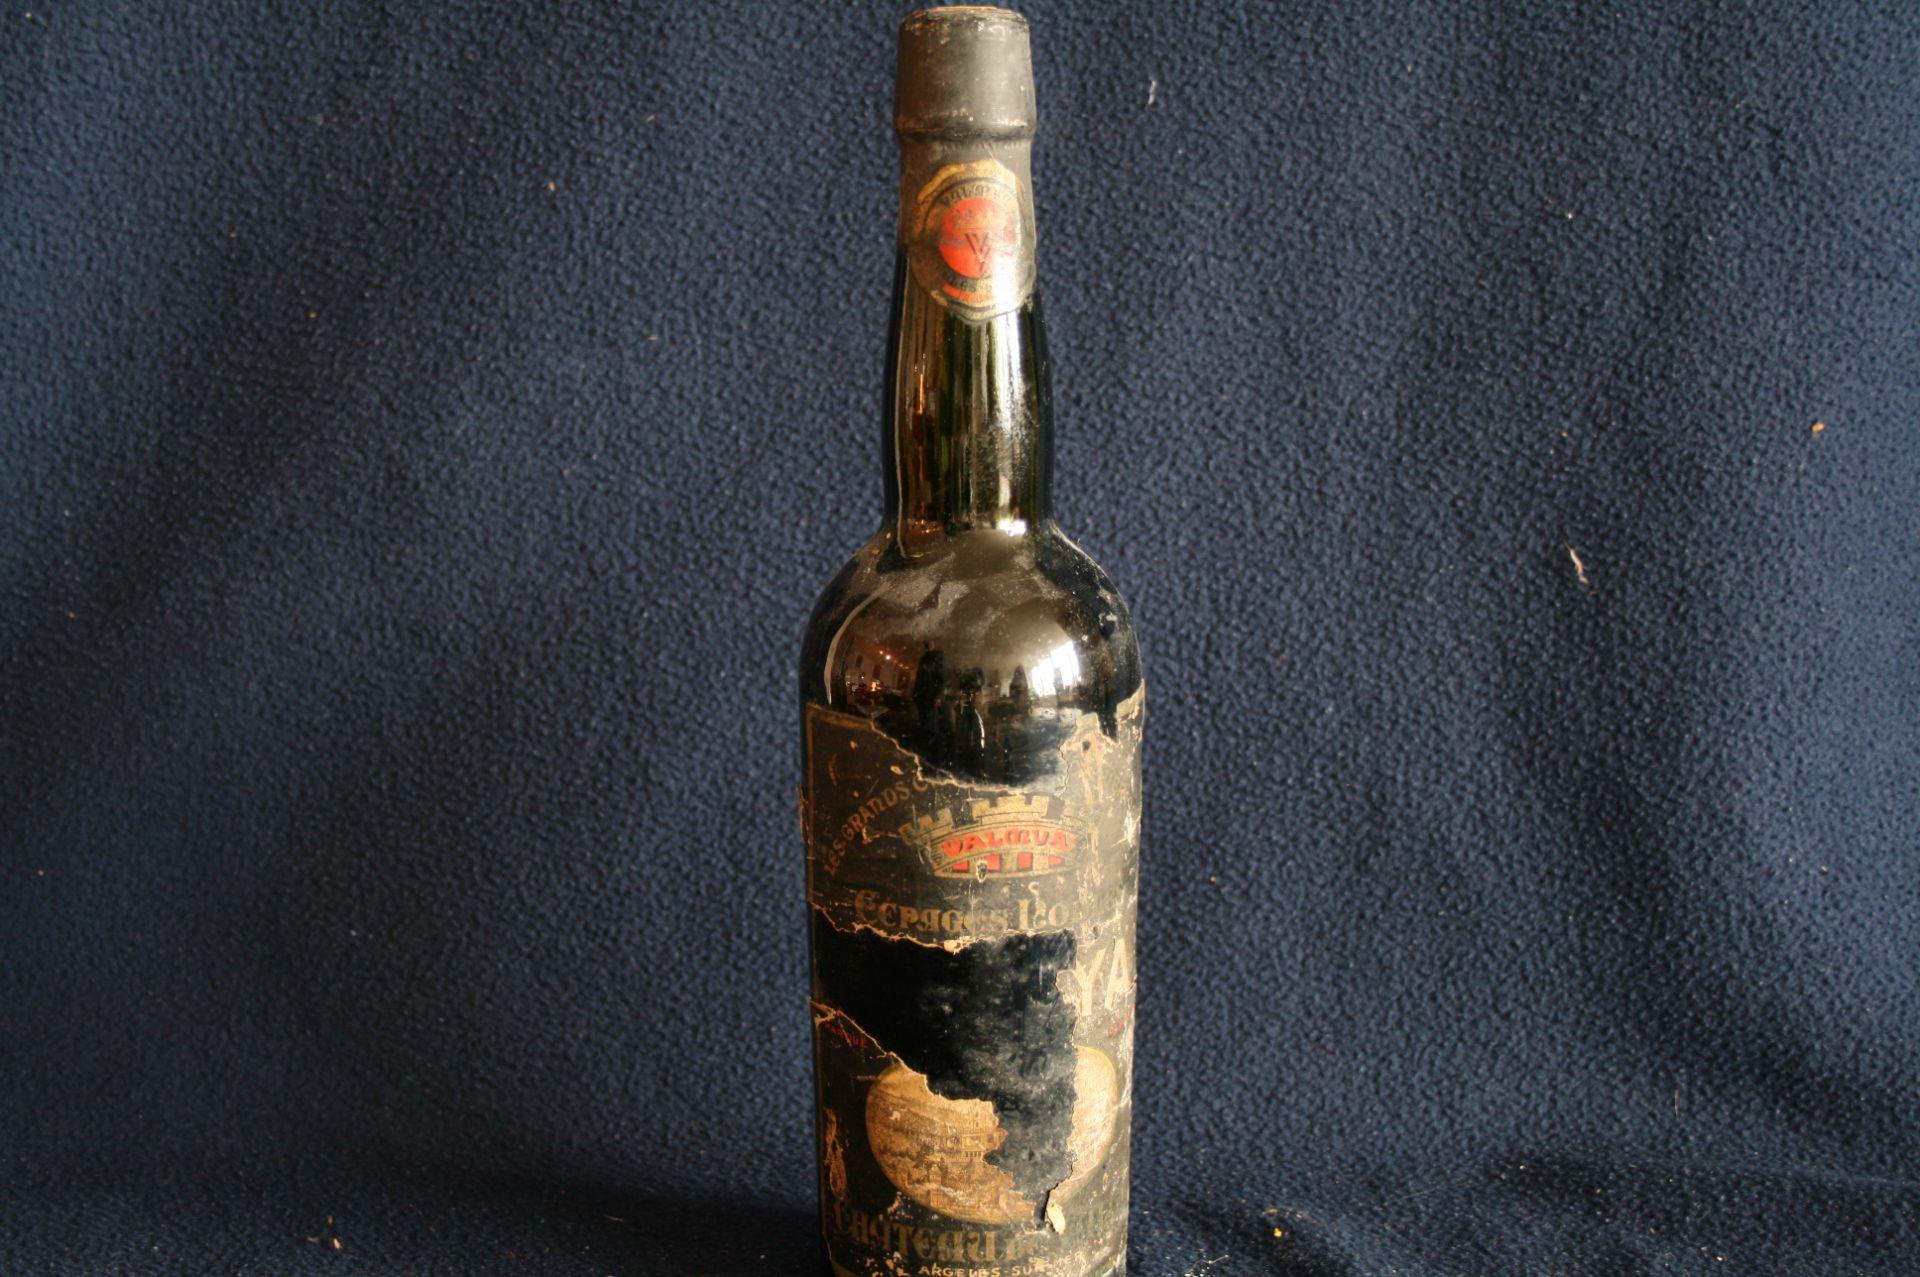 Los 1 - 1 bouteille de MUSCAT de RIVESALTES, étiquette déchirée, Argeles sur Mer - 1 [...]